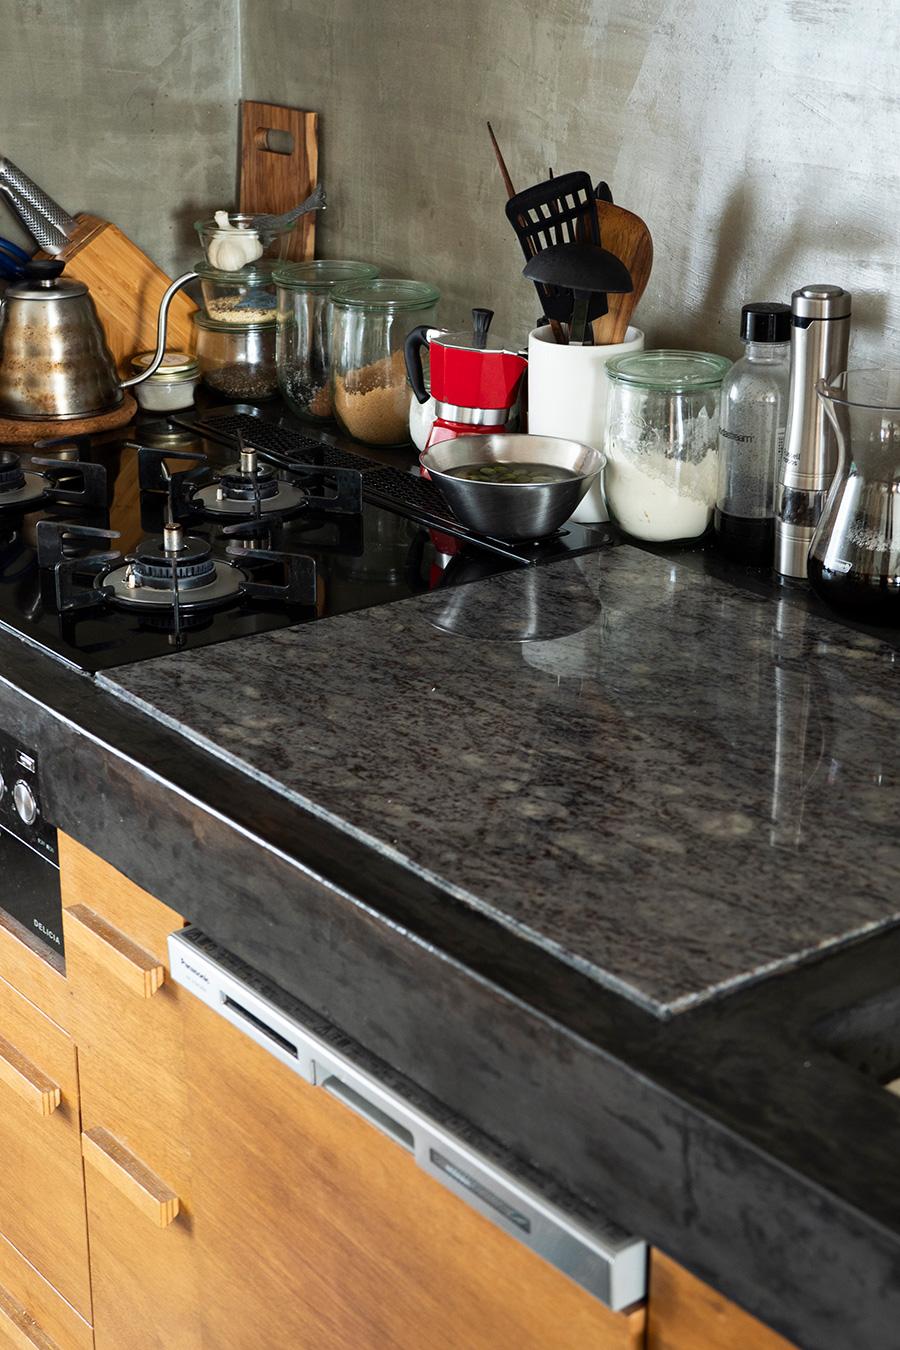 大理石を敷いた作業台。この上でパンをこねたりすることができて、便利だそう。